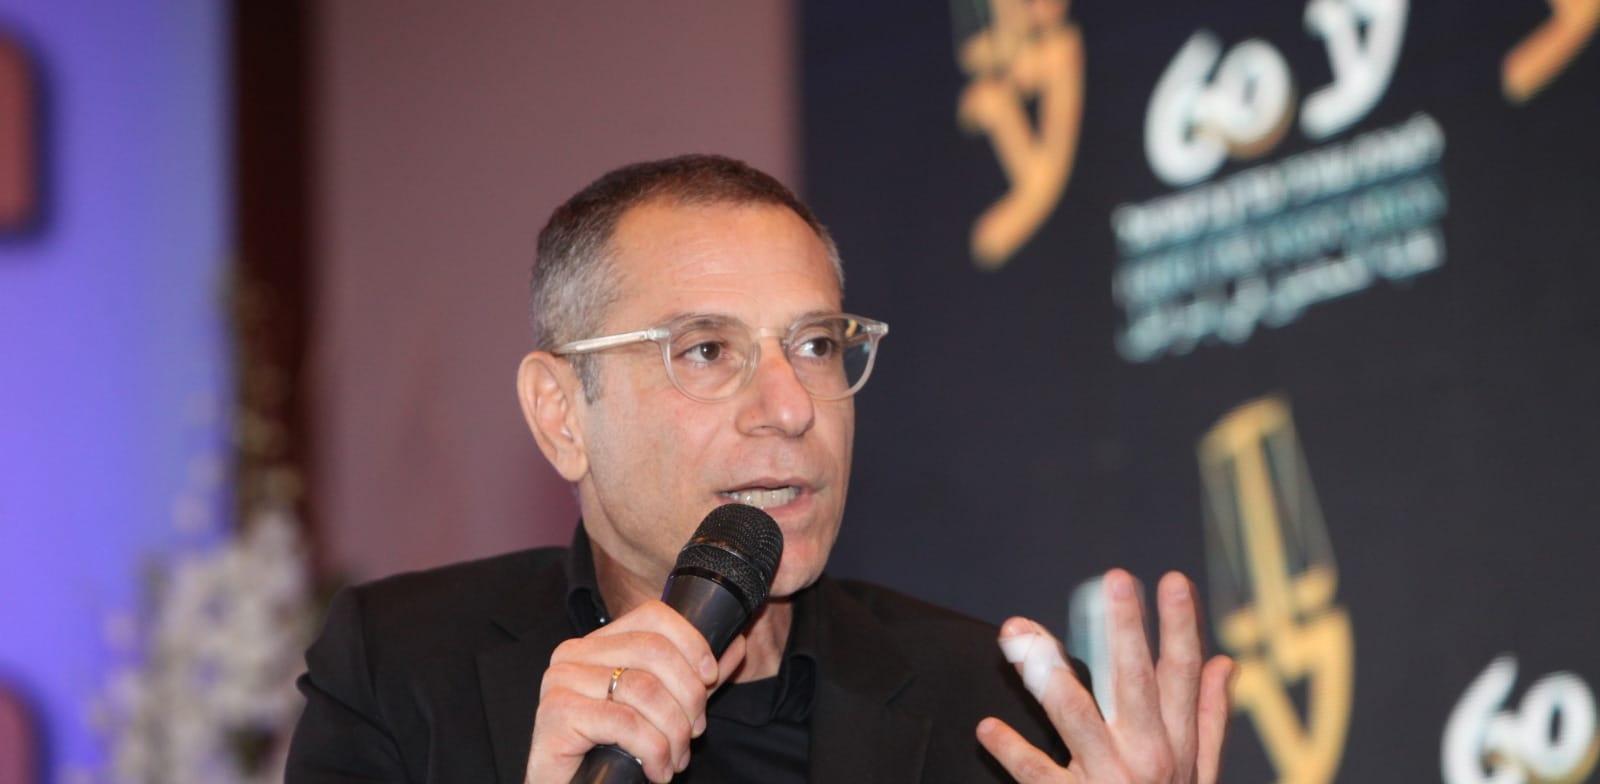 ערן יעקב, ראש רשות המסים / צילום: דוברות לשכת עורכי הדין